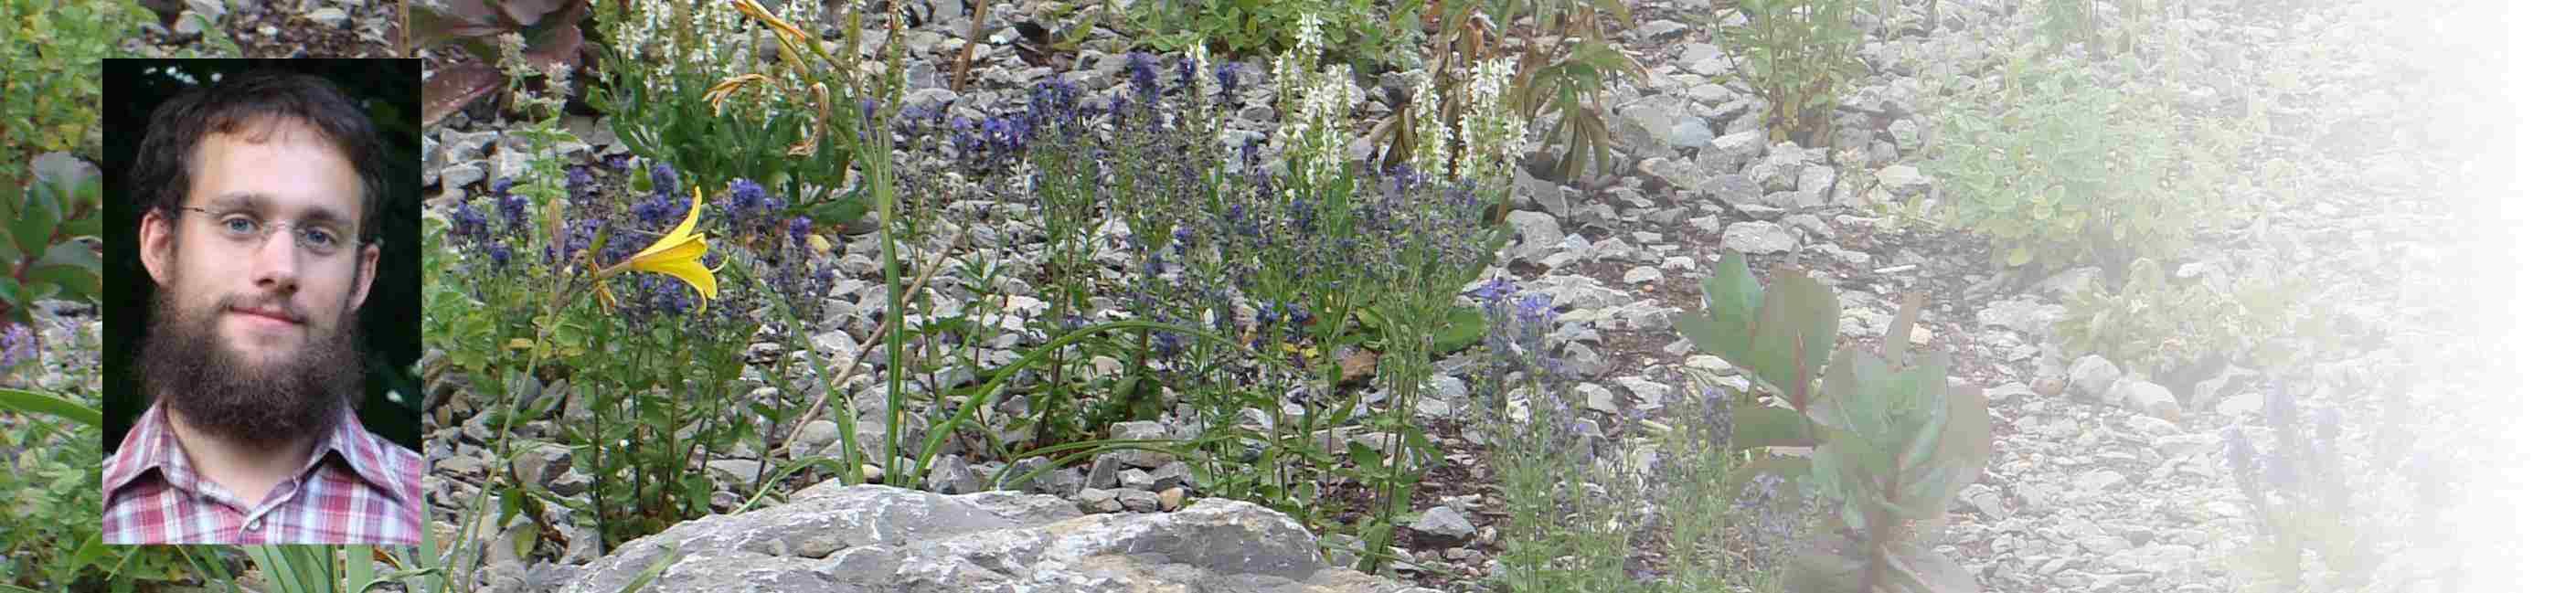 — Garten-Schaffen — Ein Blog über den Garten